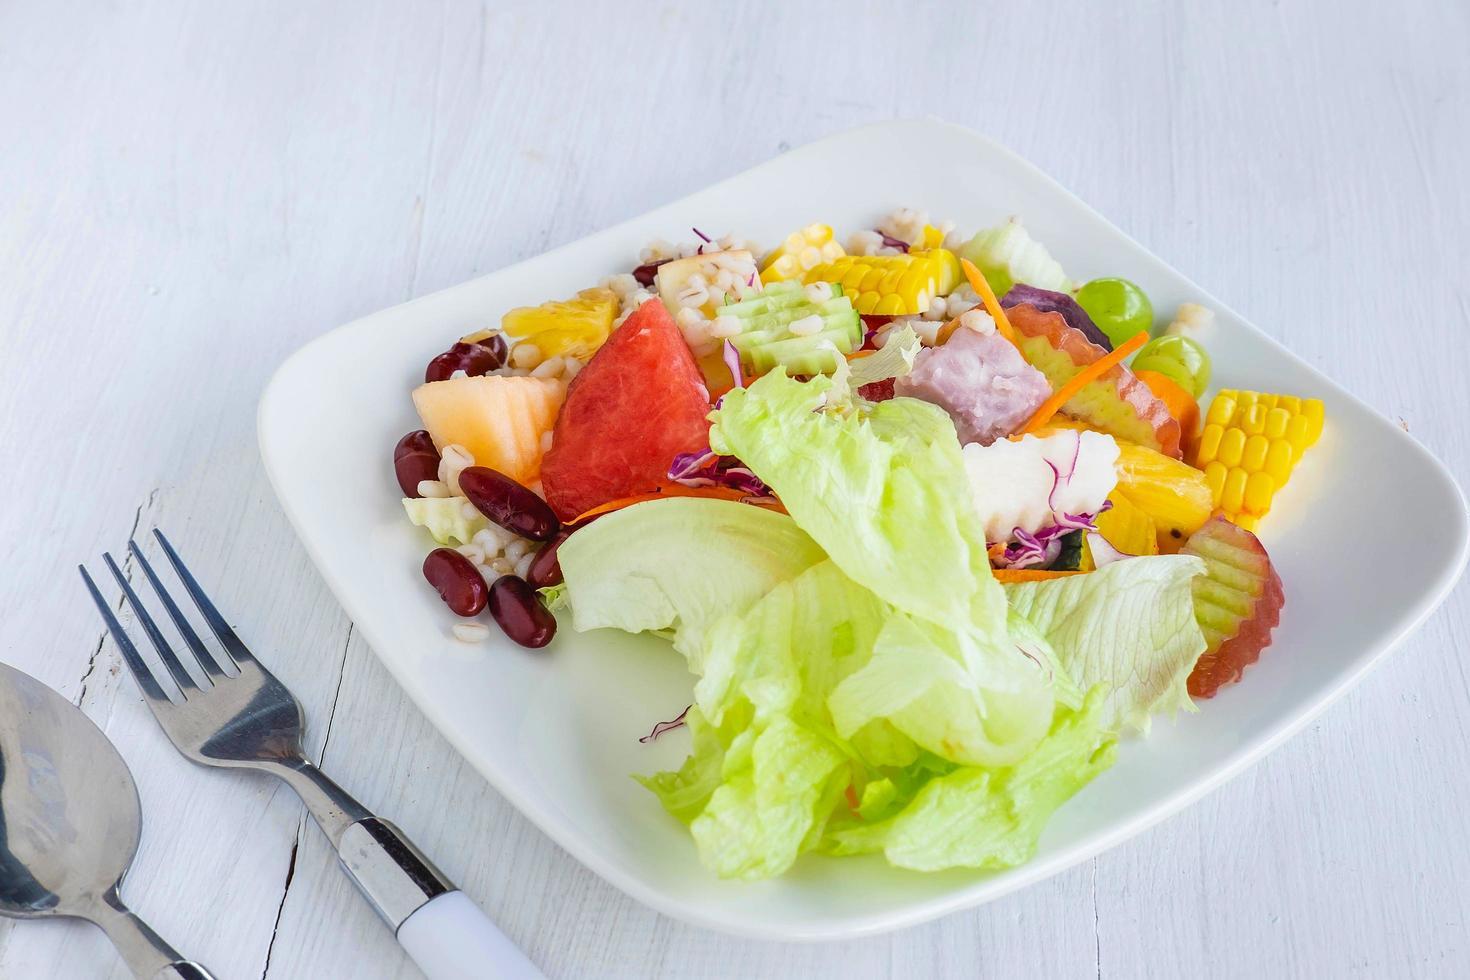 gesunder Obst- und Gemüsesalat foto